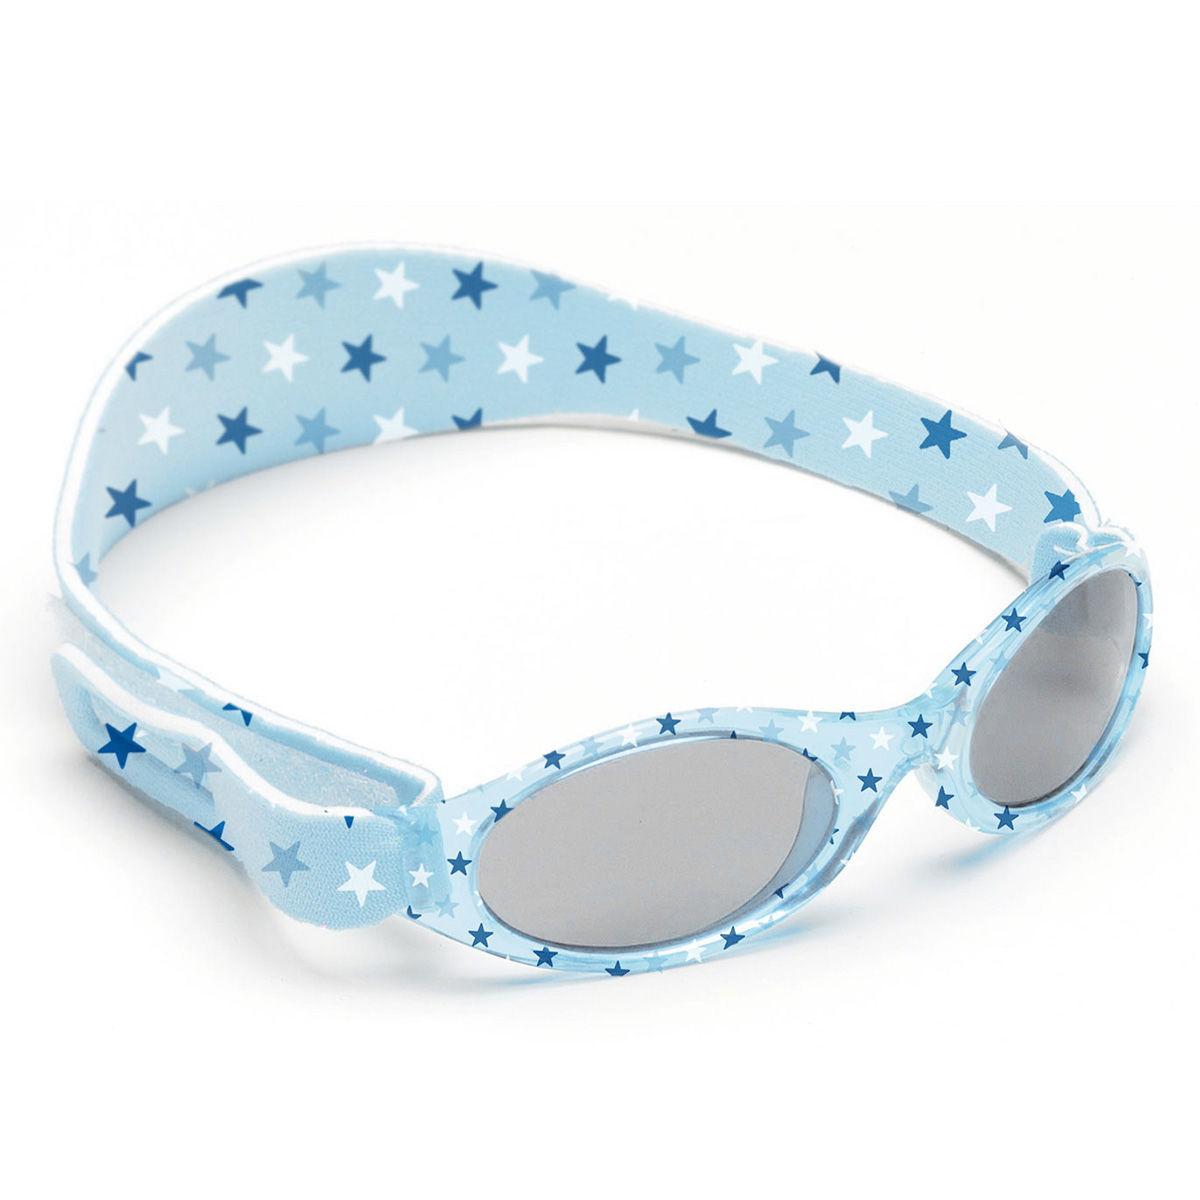 Afbeelding van Dooky BabyBanz Zonnebril (0-2 jaar) Blue Stars